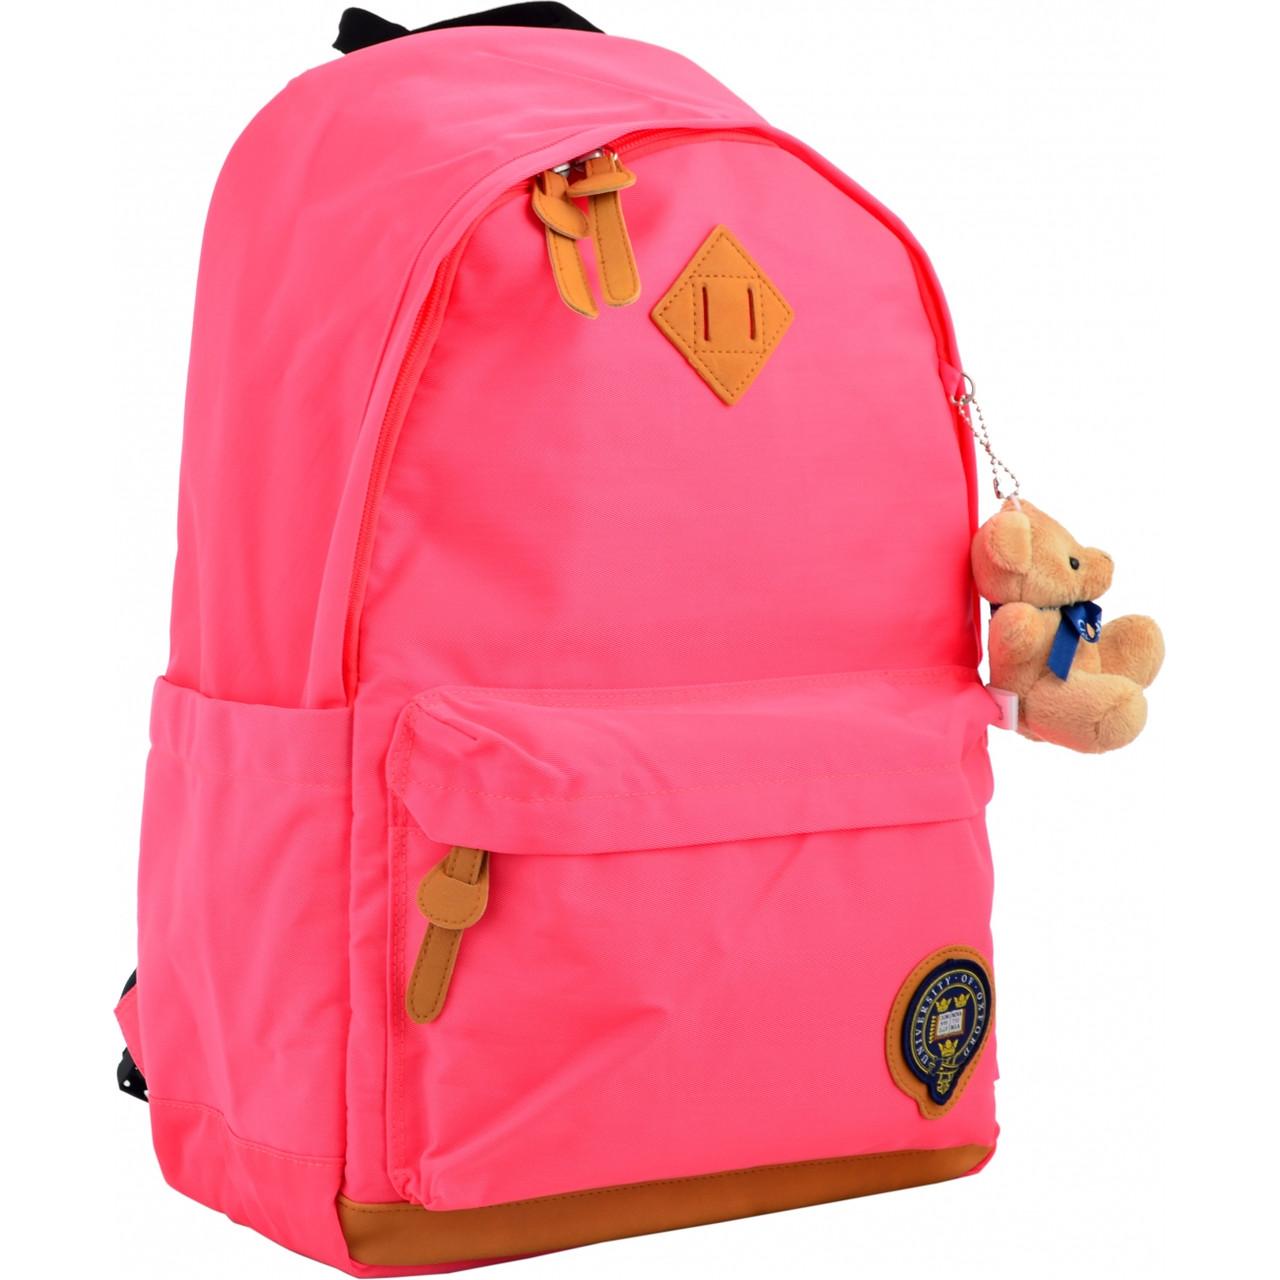 Рюкзак молодежный OX 404, 47*30.5*16.5, розовый